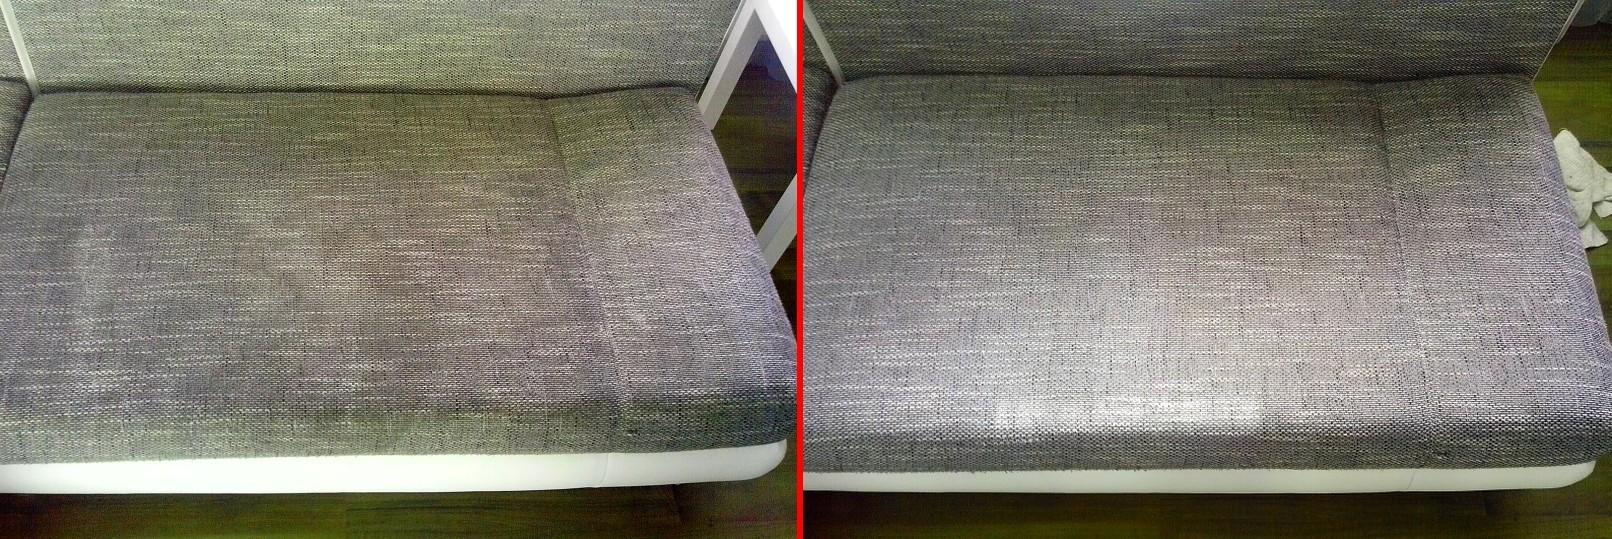 Čištění sedačky | Klokočí - vlevo původní stav, vpravo po vyčištění